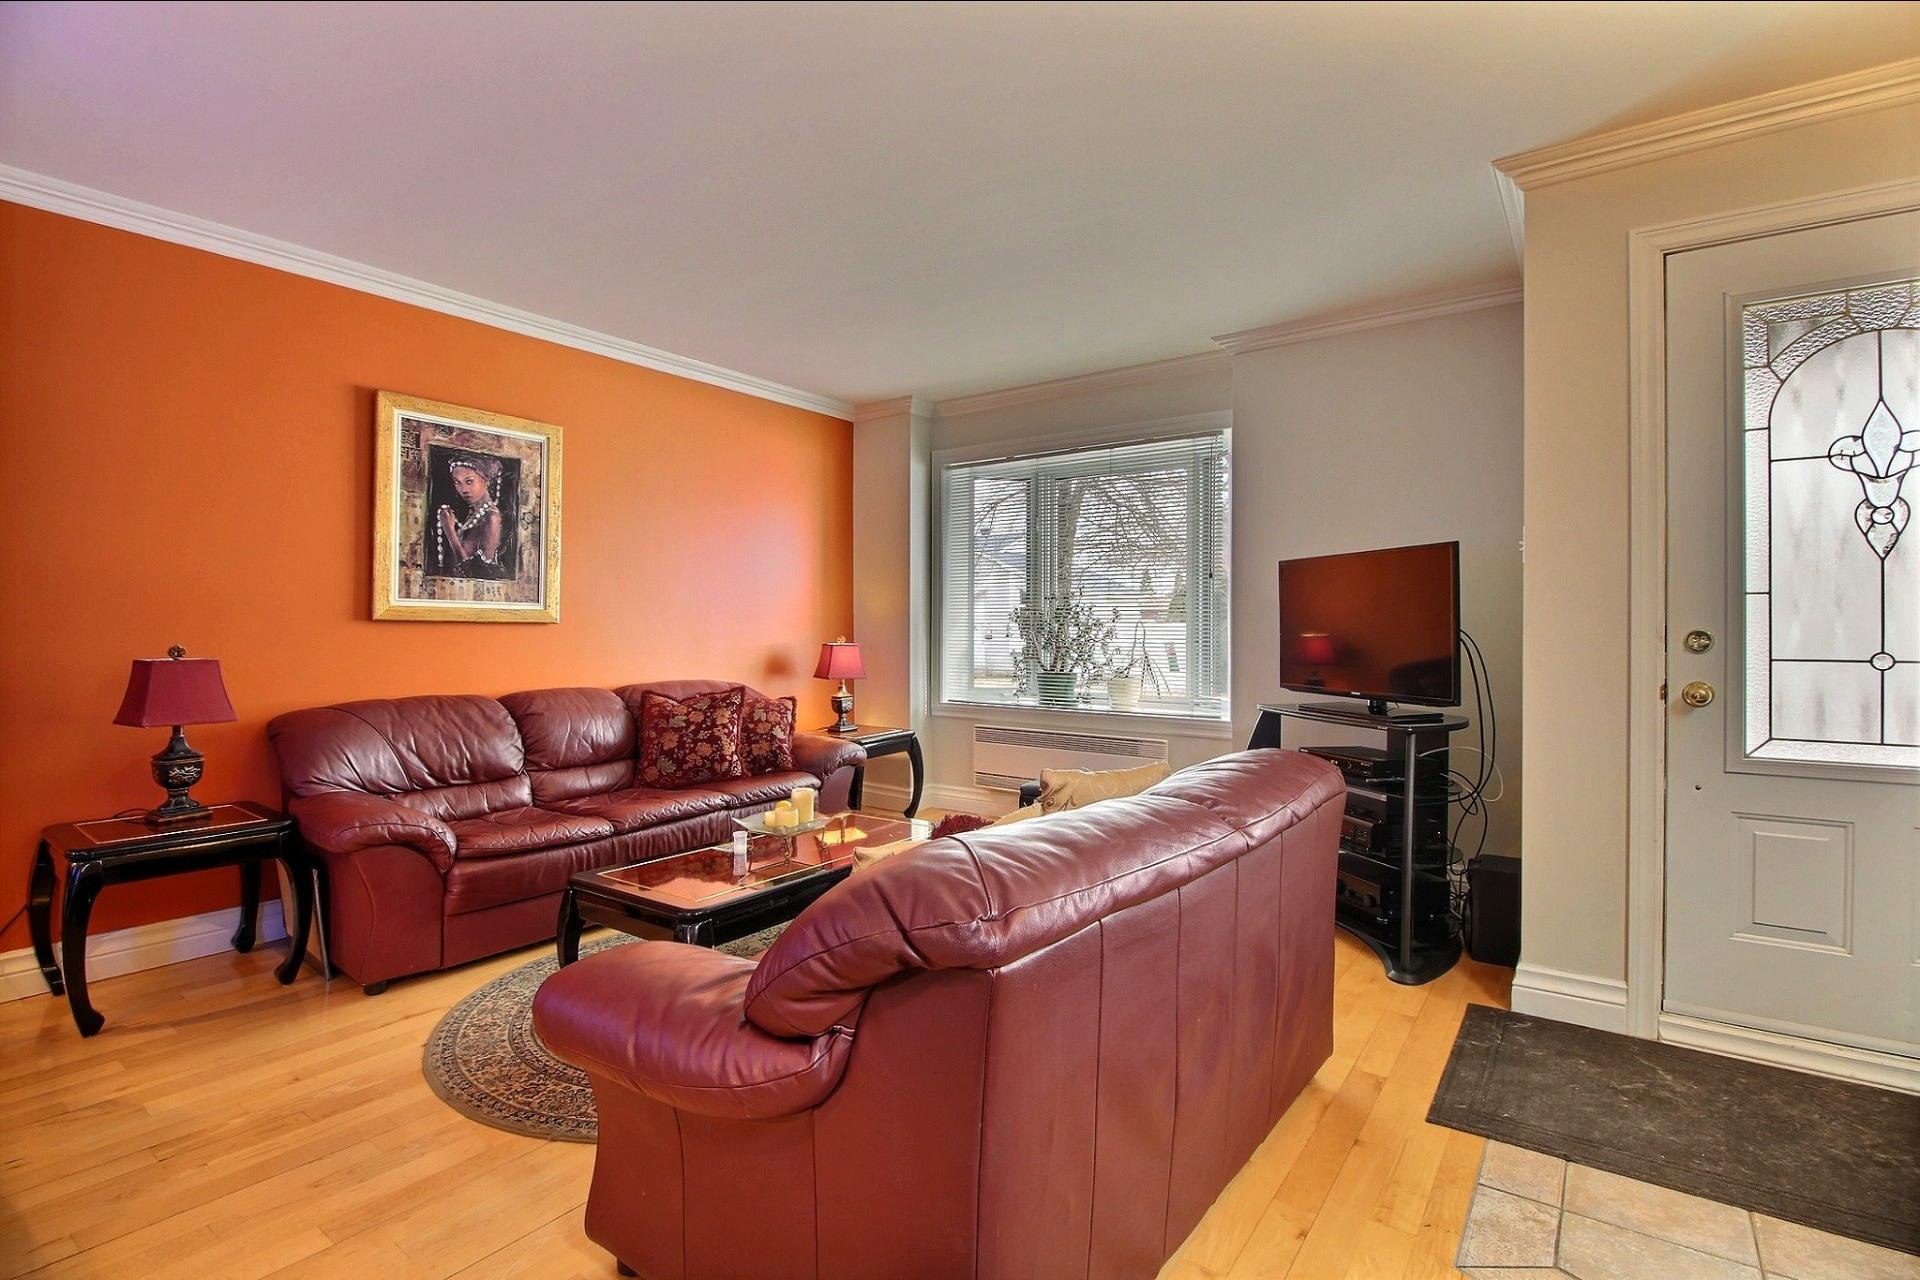 image 2 - Maison À vendre Montréal Rivière-des-Prairies/Pointe-aux-Trembles  - 8 pièces